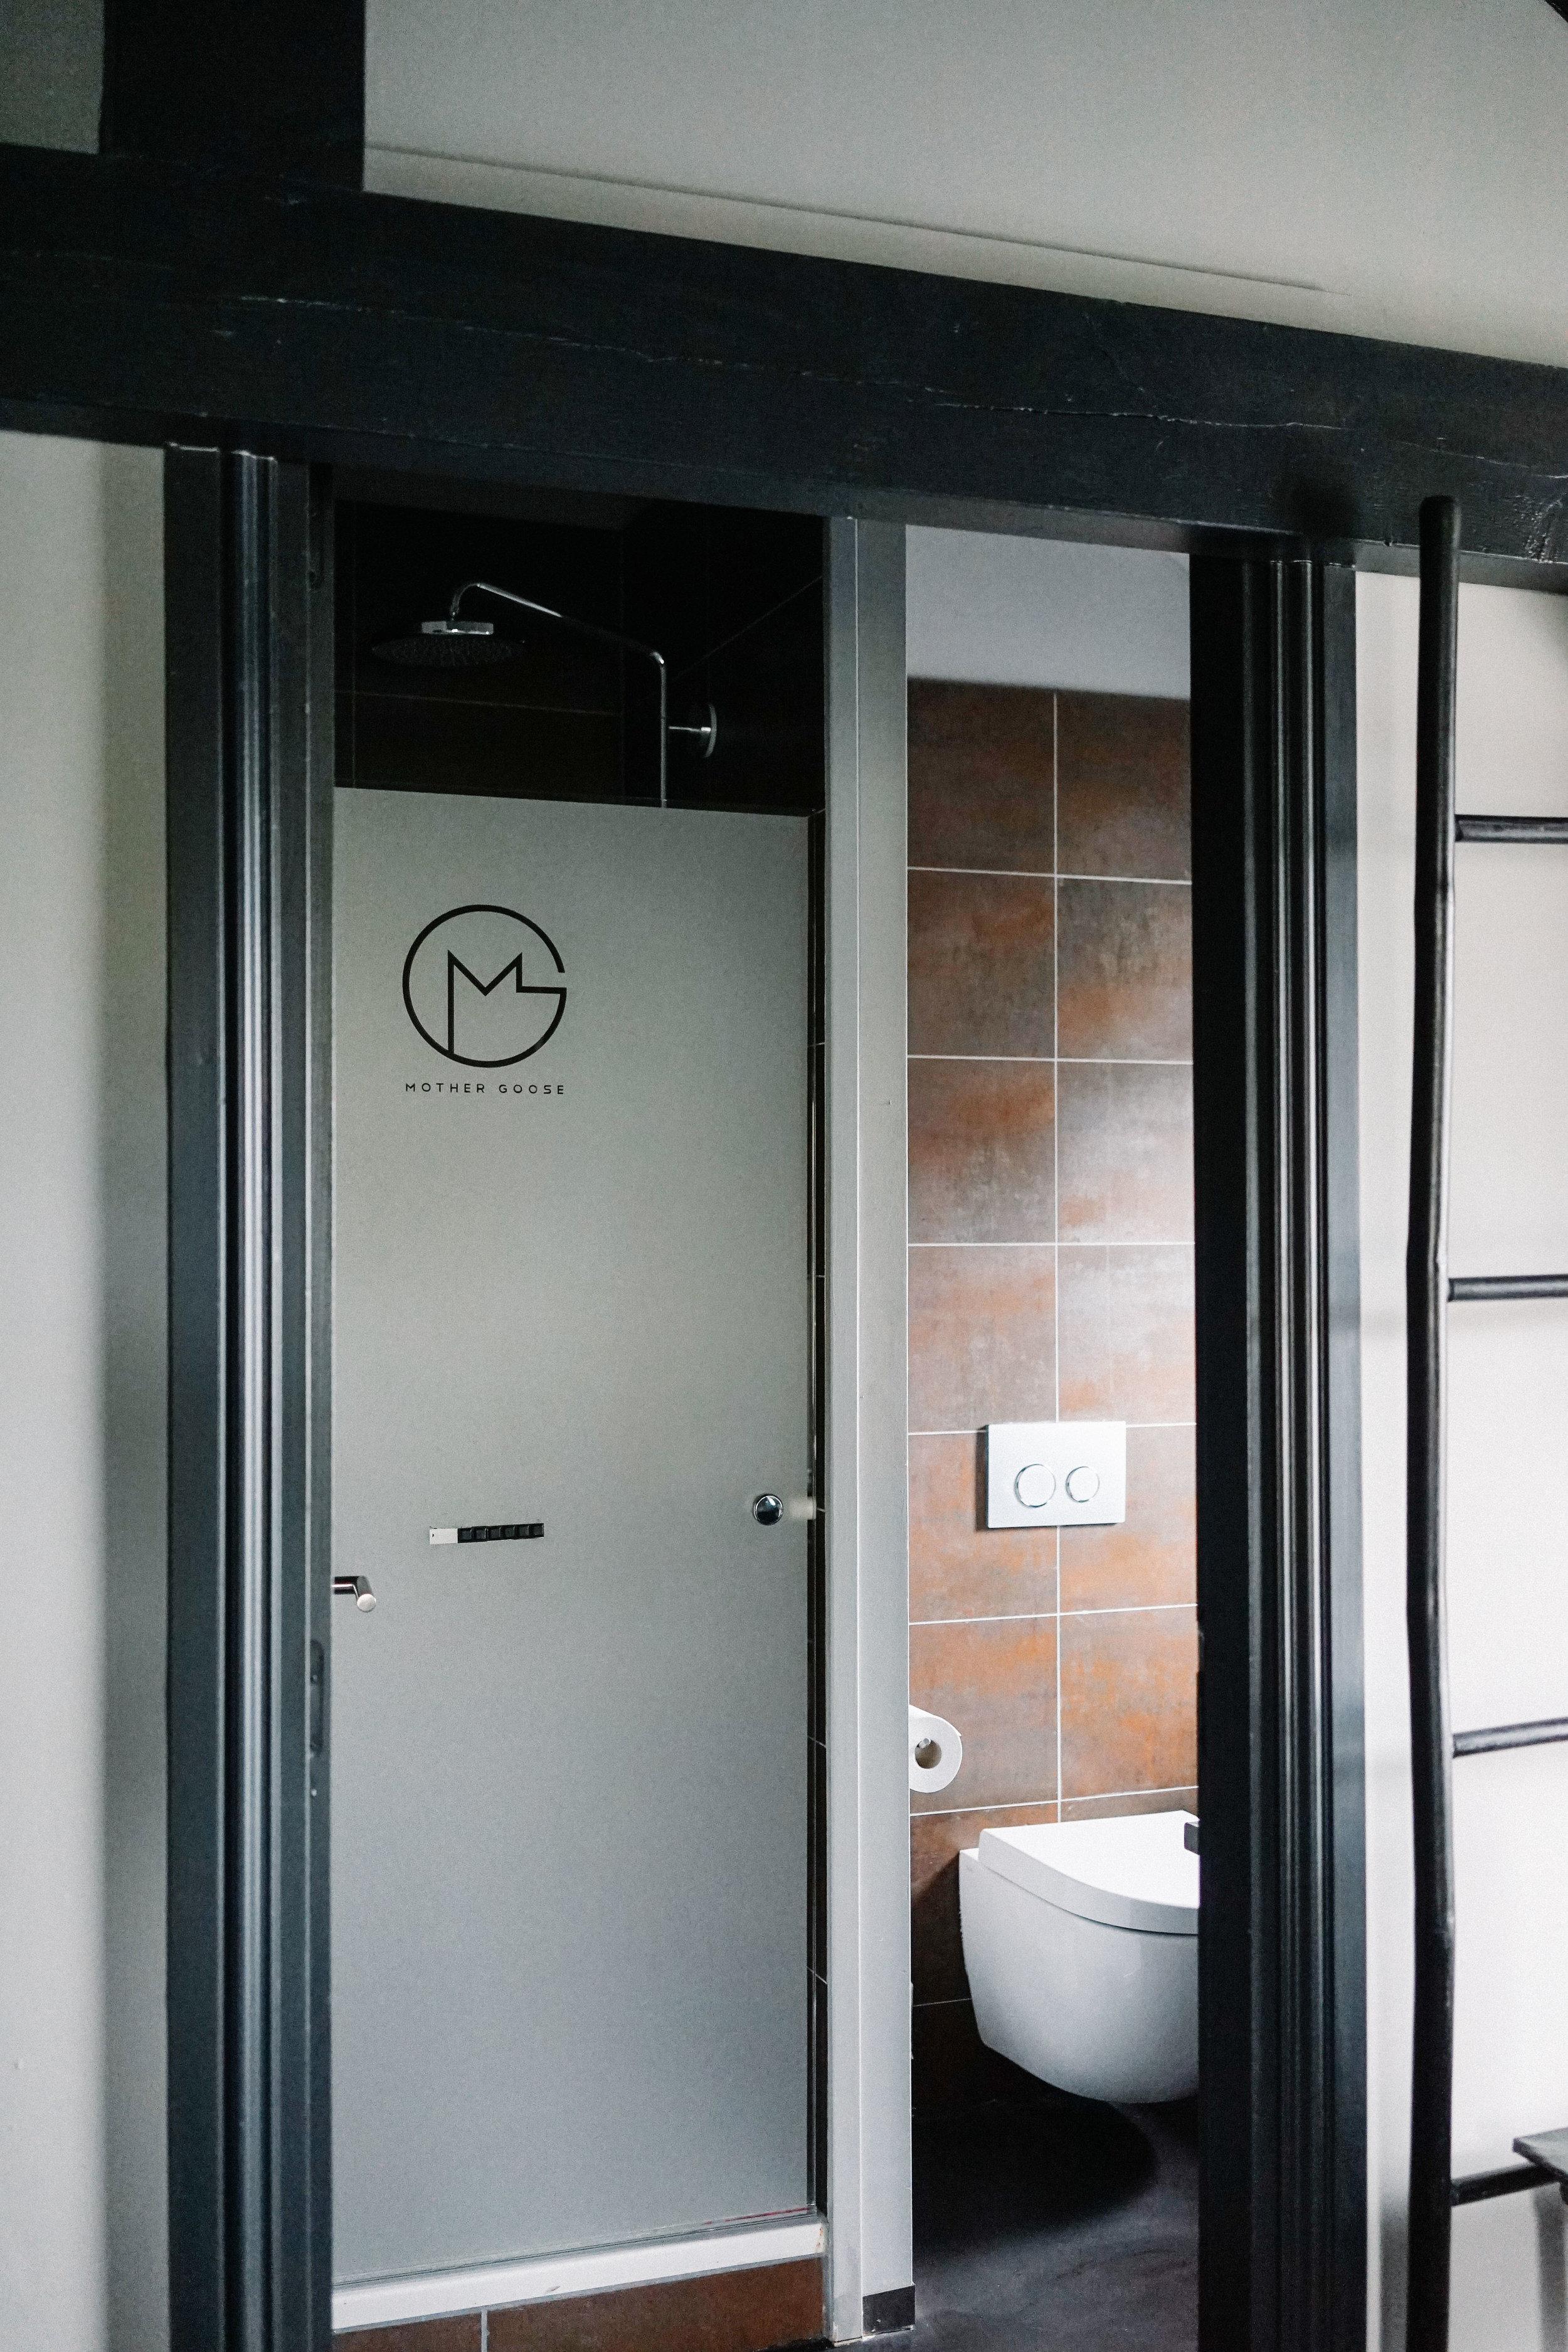 Mother Goose Hotel Utrecht (13 of 19).jpg